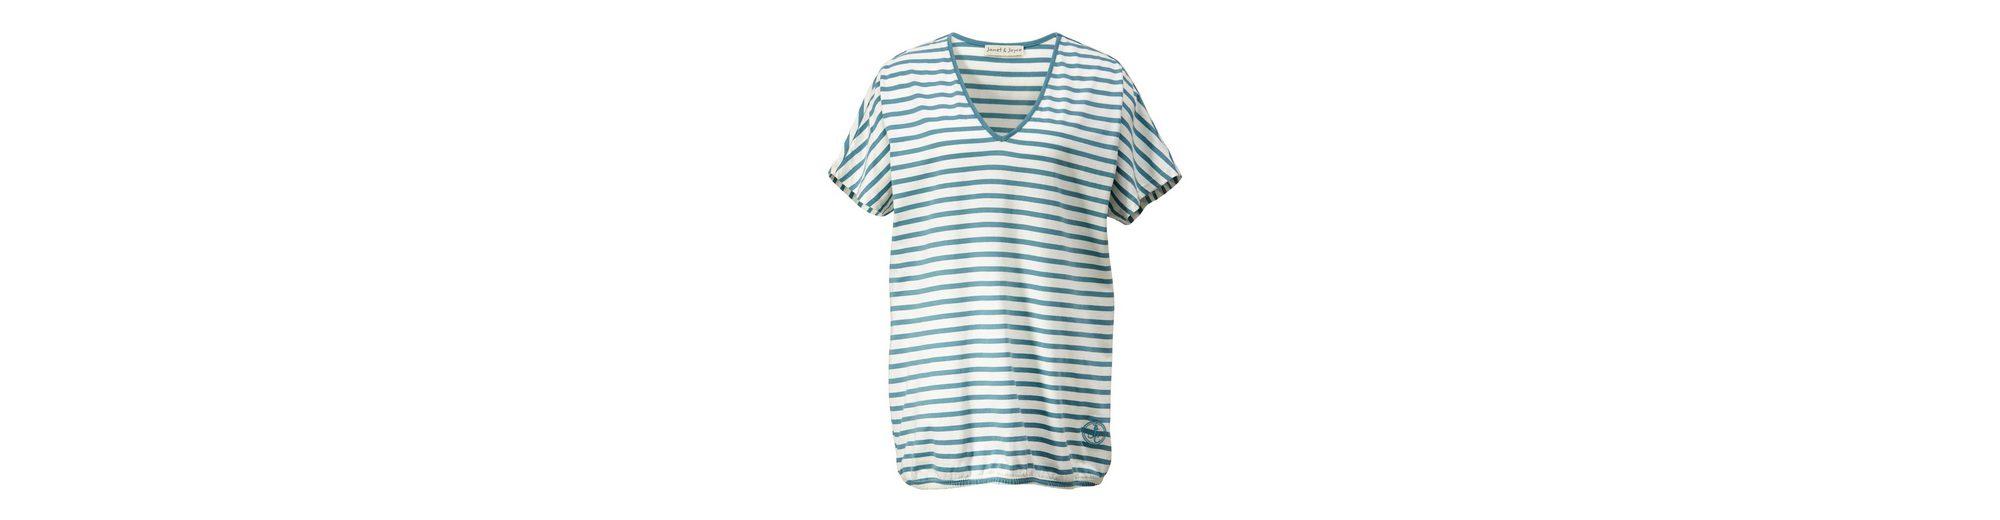 Janet und Joyce by Happy Size Shirt gestreift in Oversize-Form Billig Verkauf Footlocker Spielraum Countdown-Paket lOHN6kh